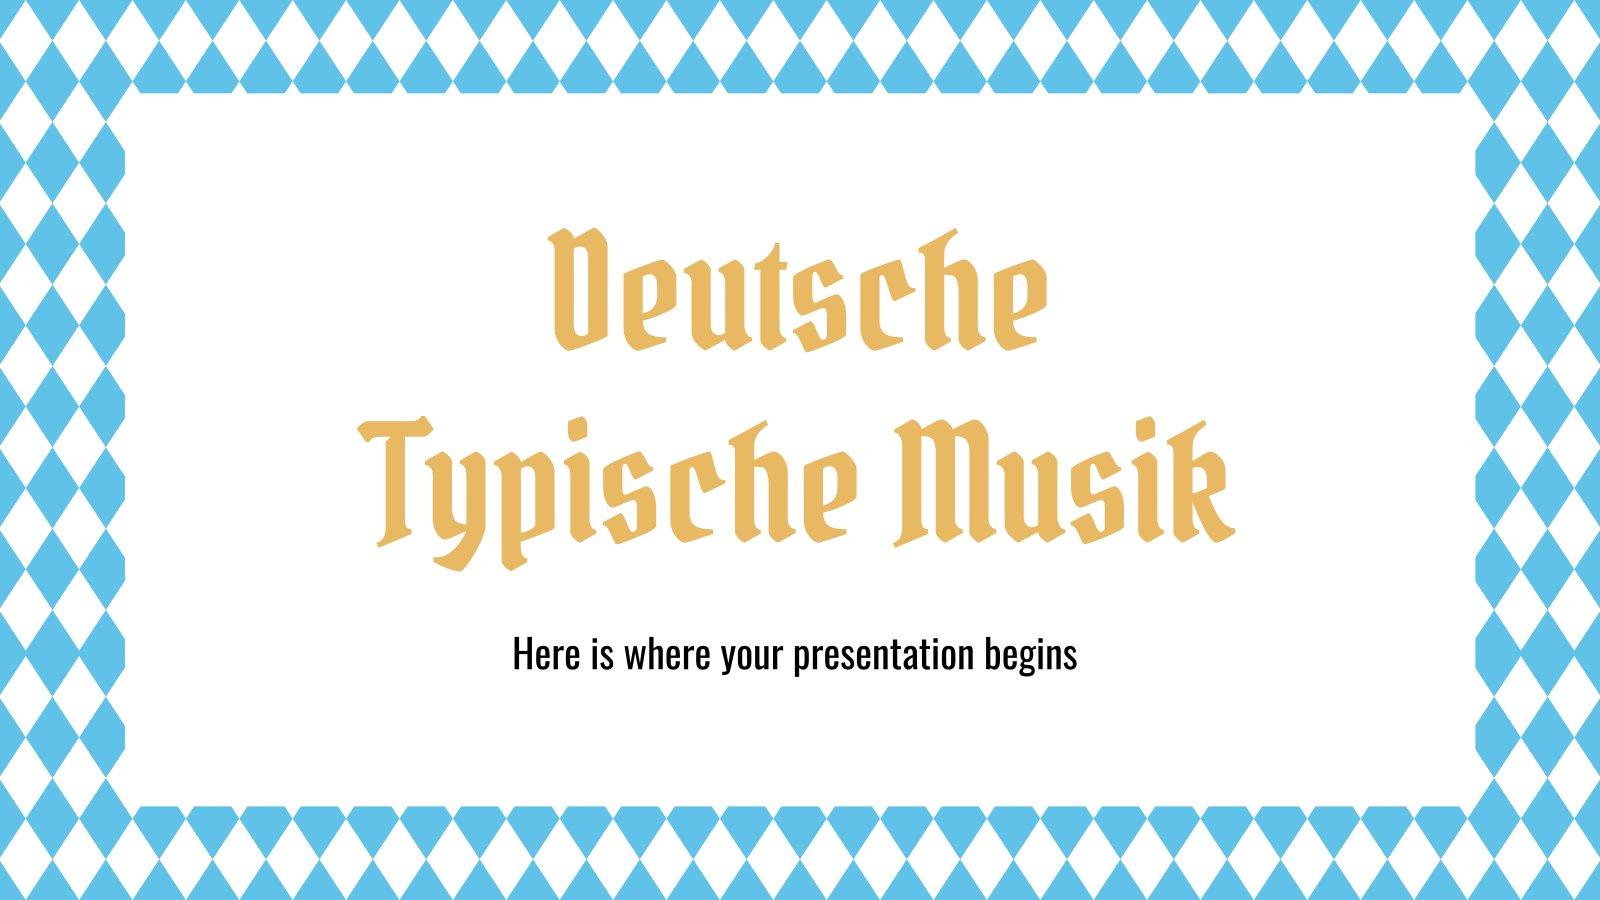 Deutsche Typische Musik presentation template